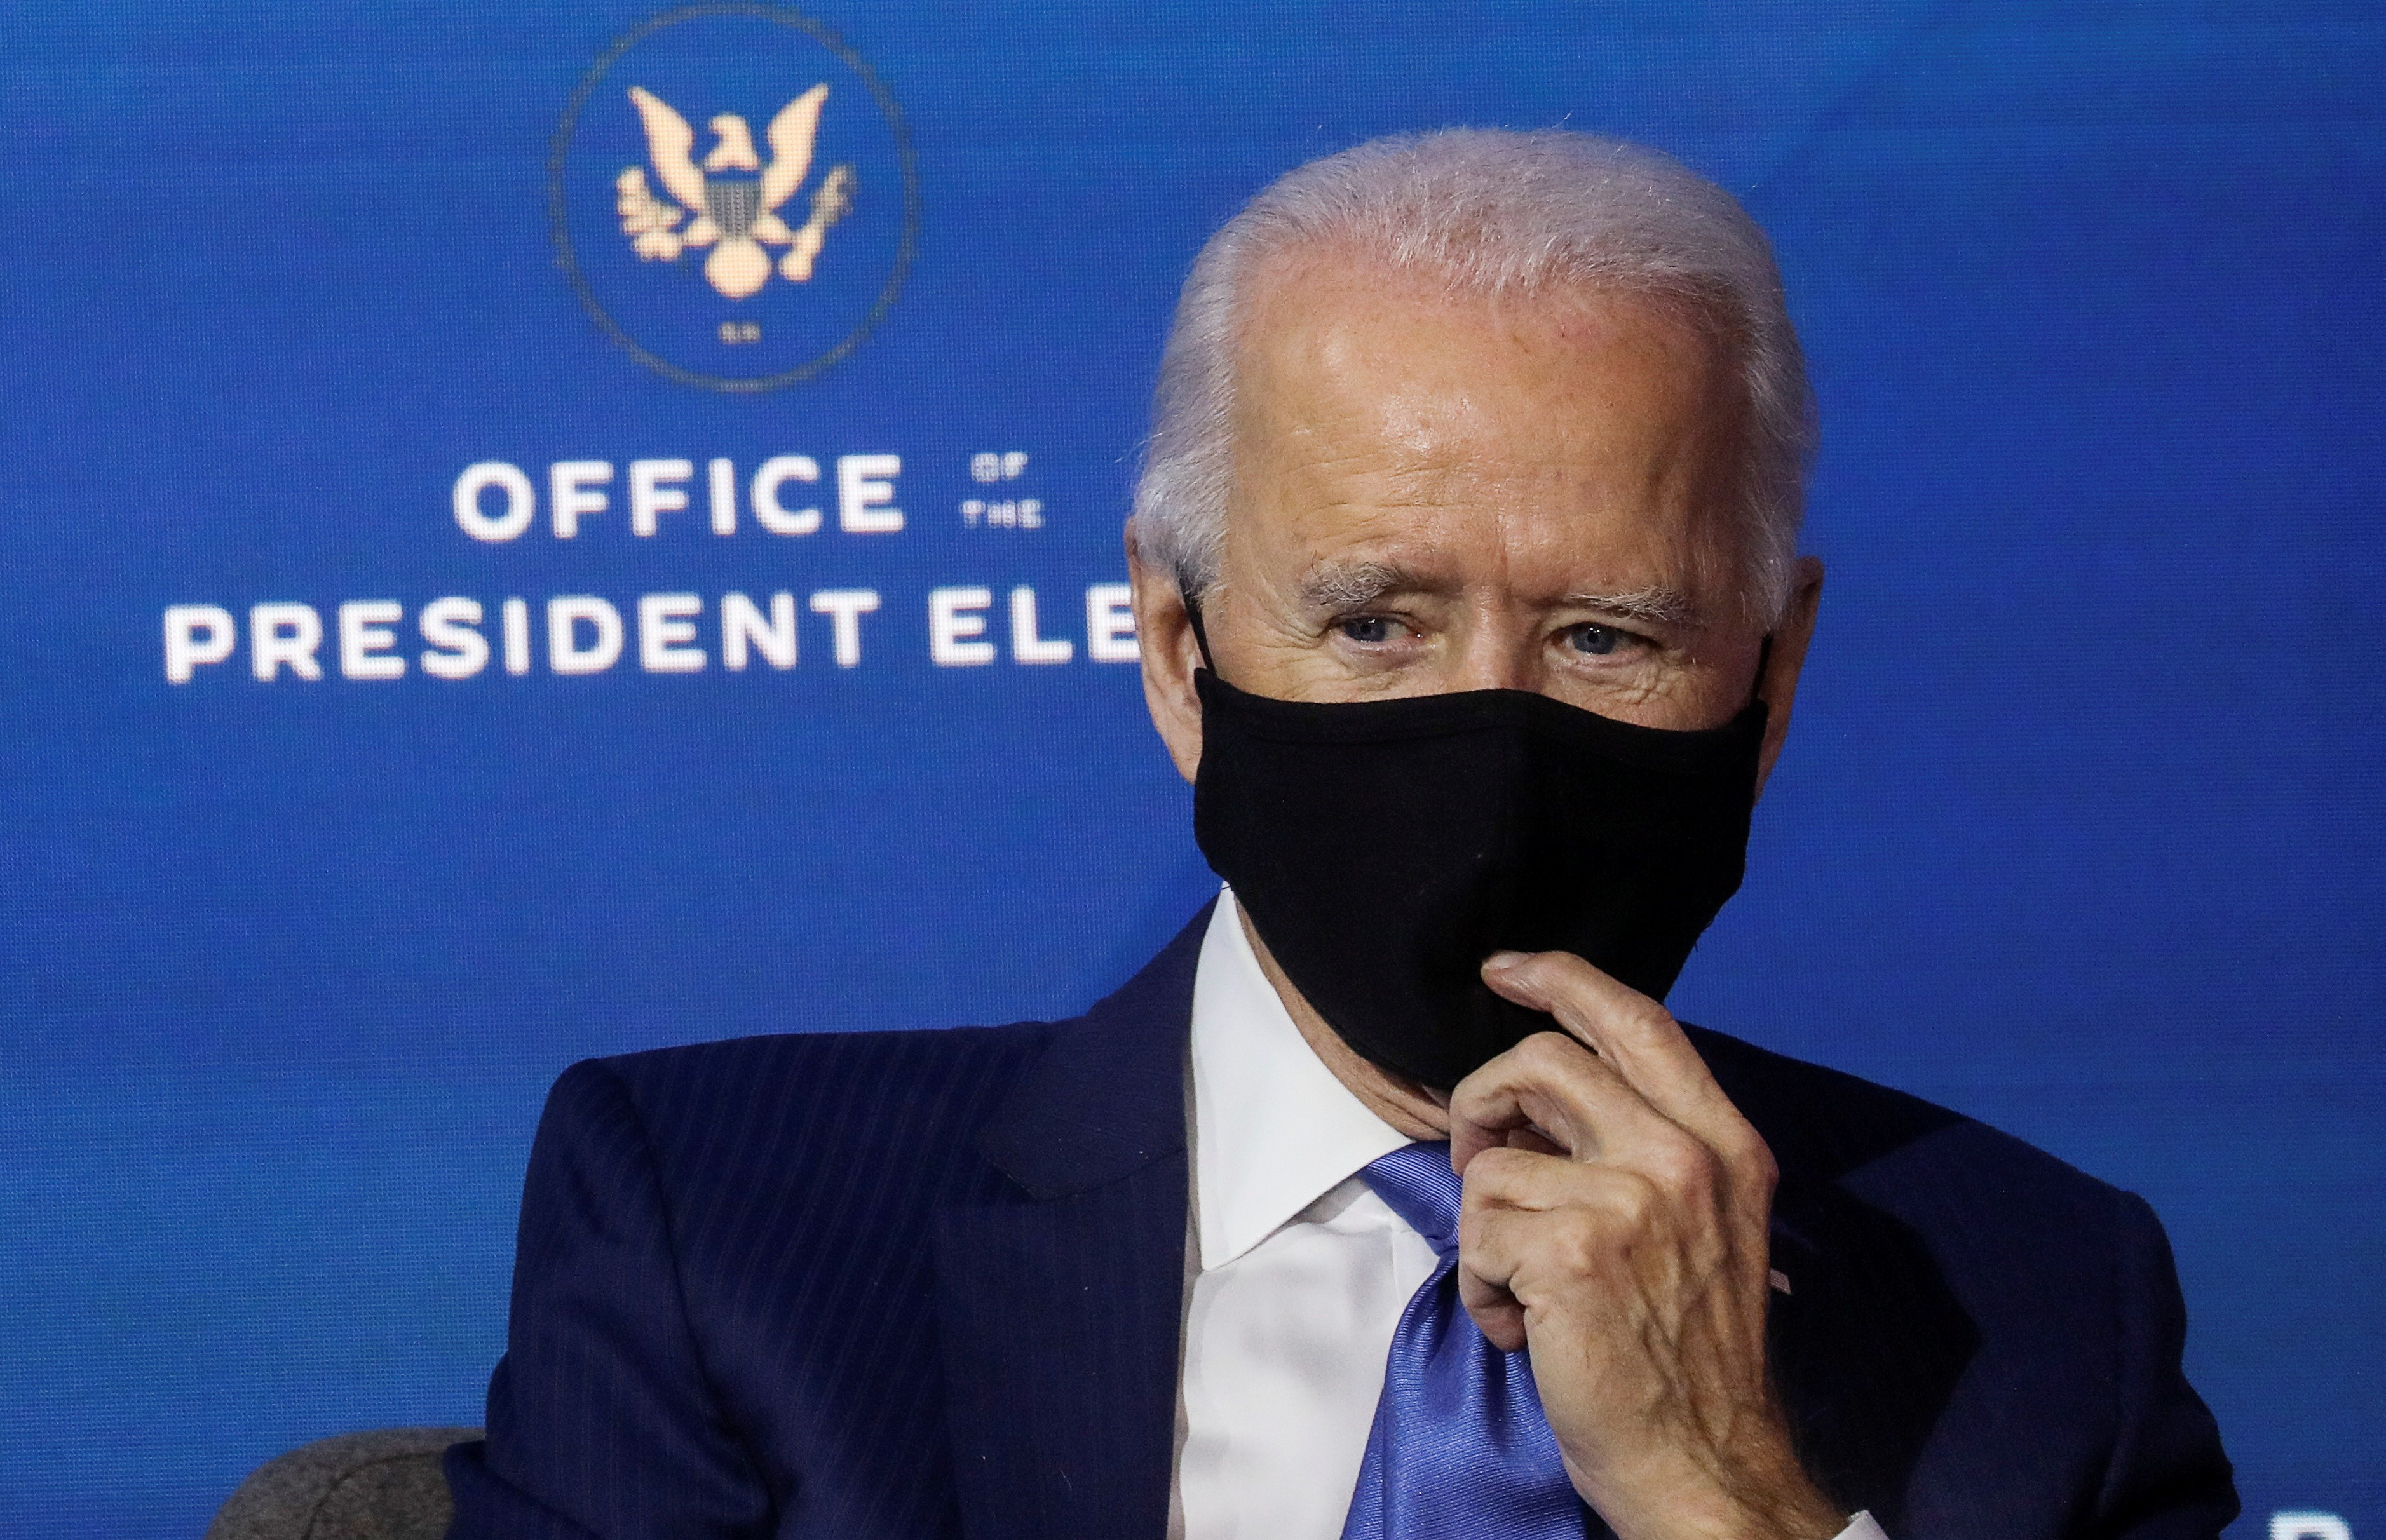 Biden promete distribuição de vacinas contra a Covid nos EUA 'livre de custos'